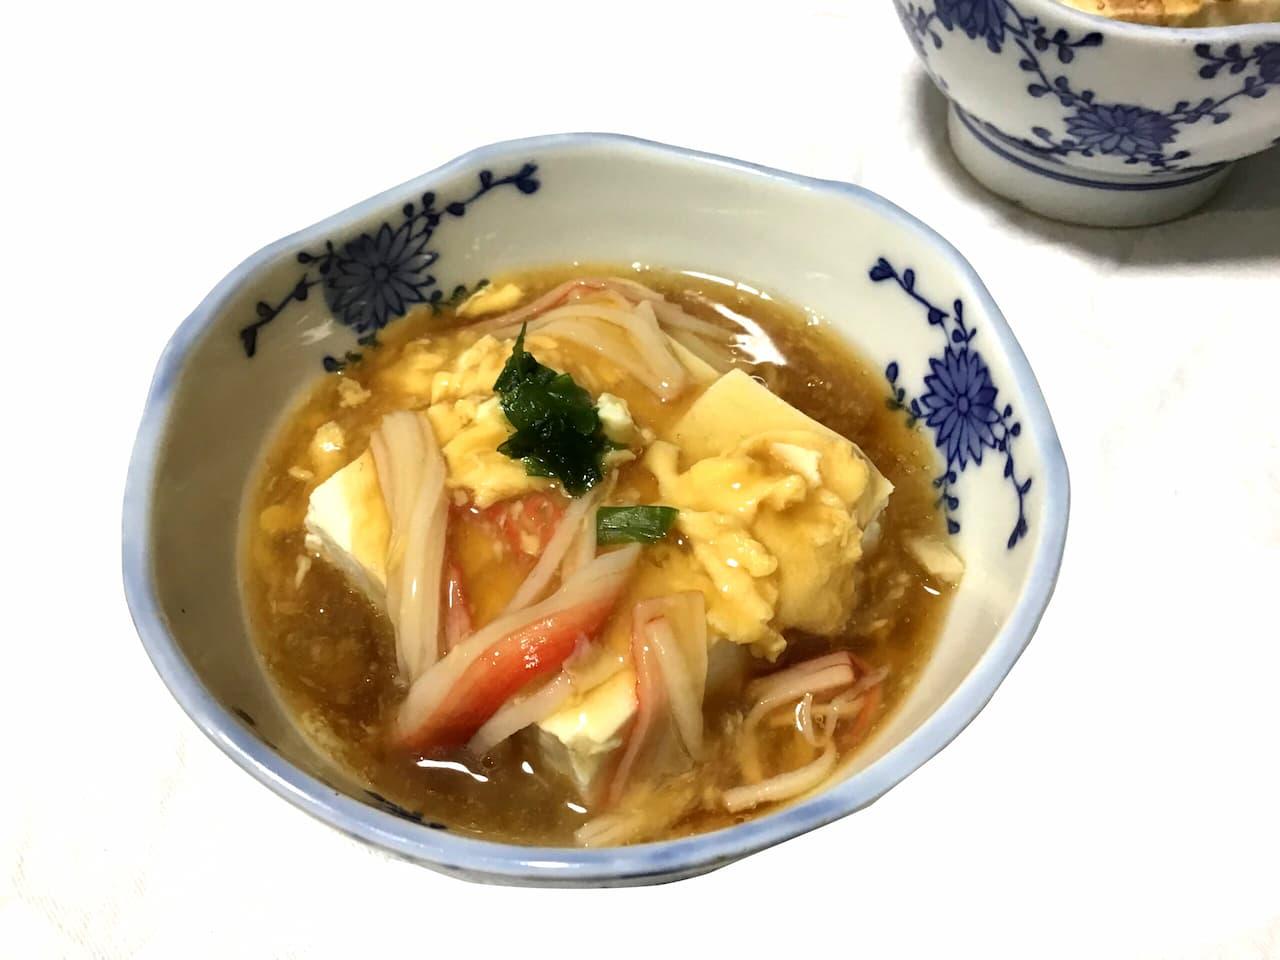 カニカマと卵で作る豆腐あんかけ